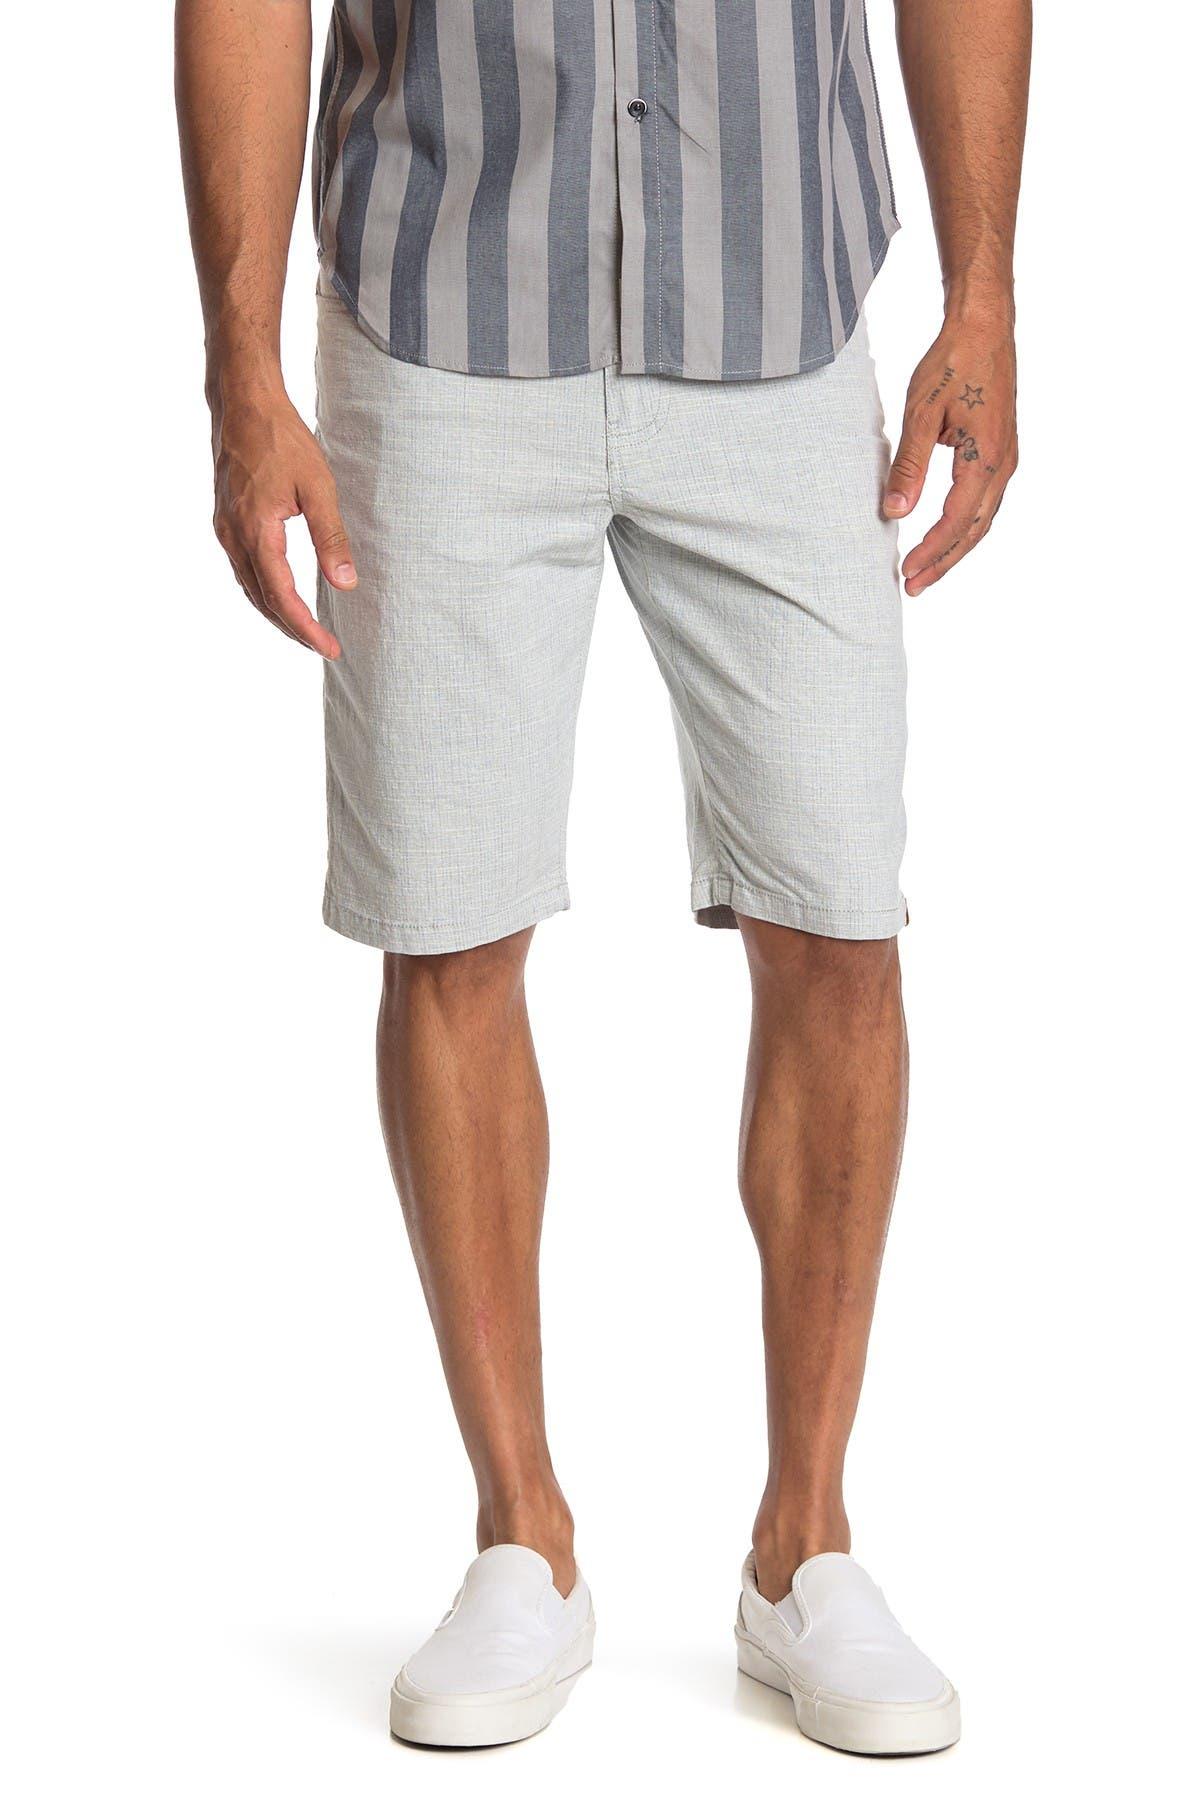 Image of Fundamental Coast Santa Cruz Bermuda Shorts